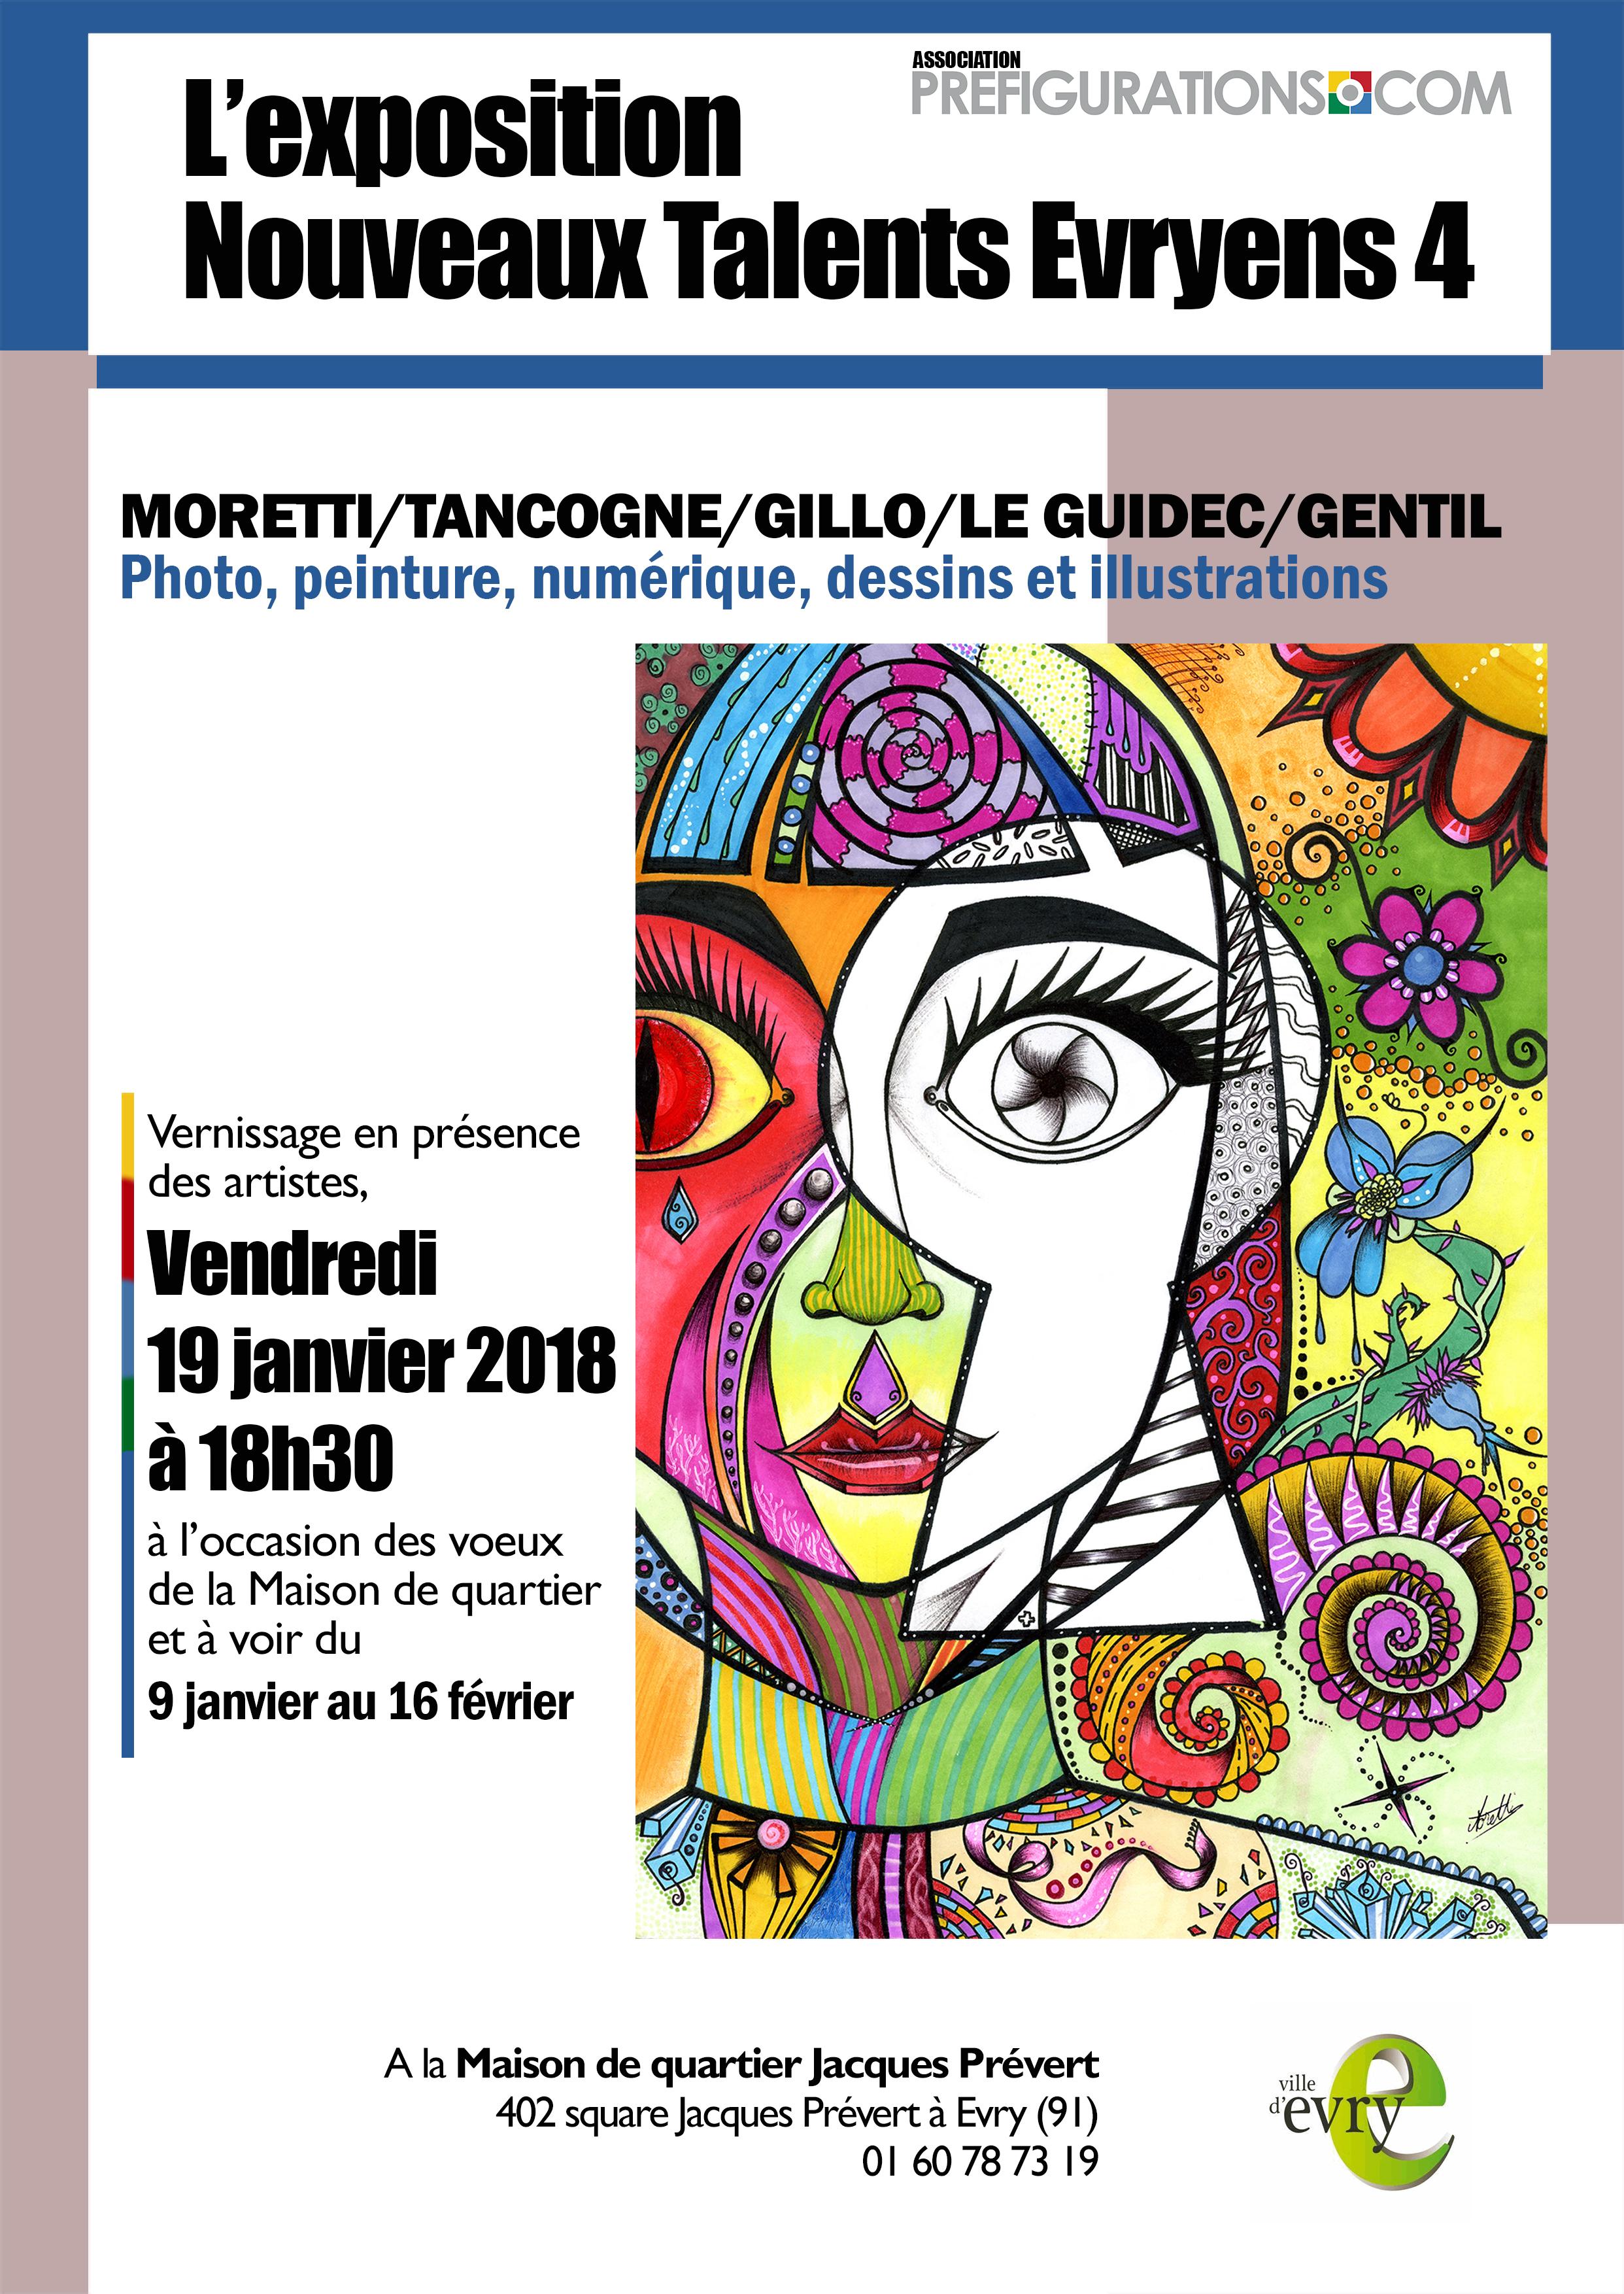 affiche2018-expo-nouveaux-talents-evryens-version2b